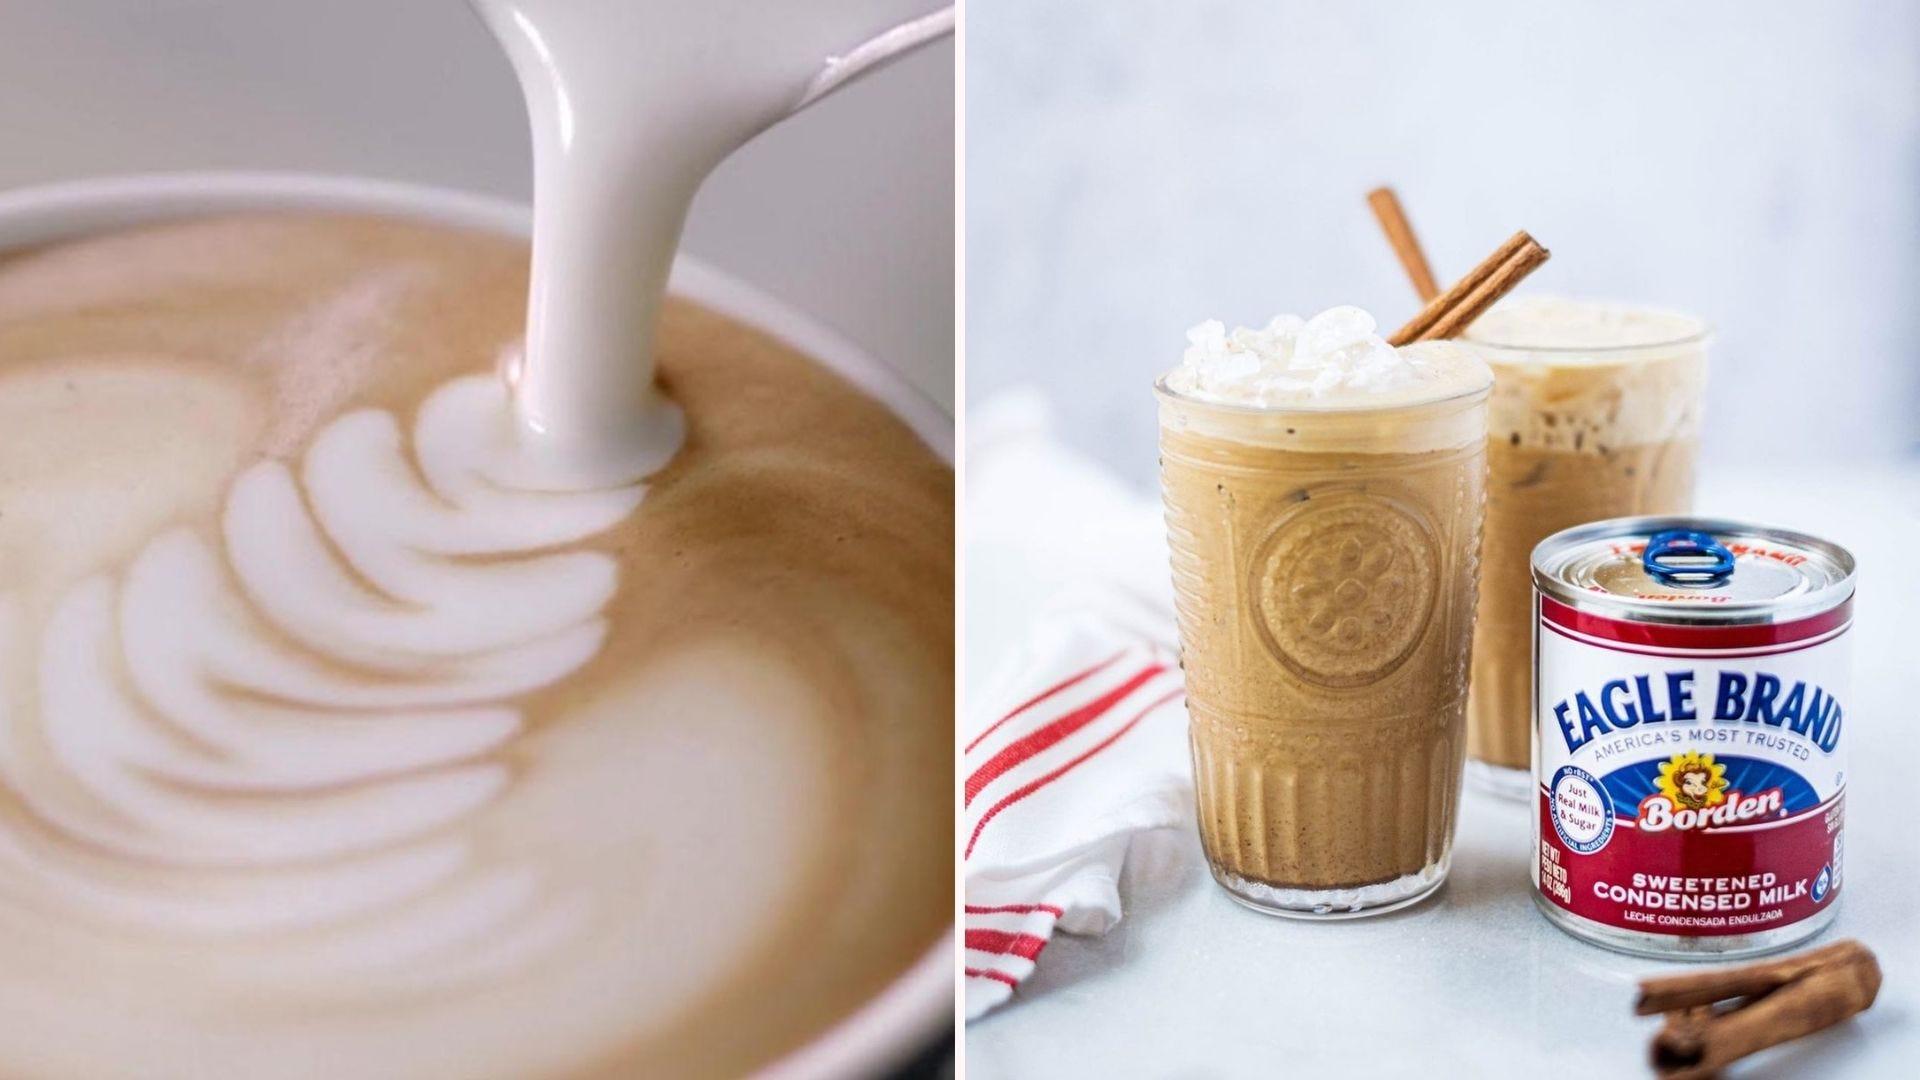 Leite com espuma derramando no café;  dois lattes gelados sentados ao lado de uma lata da marca Eagle